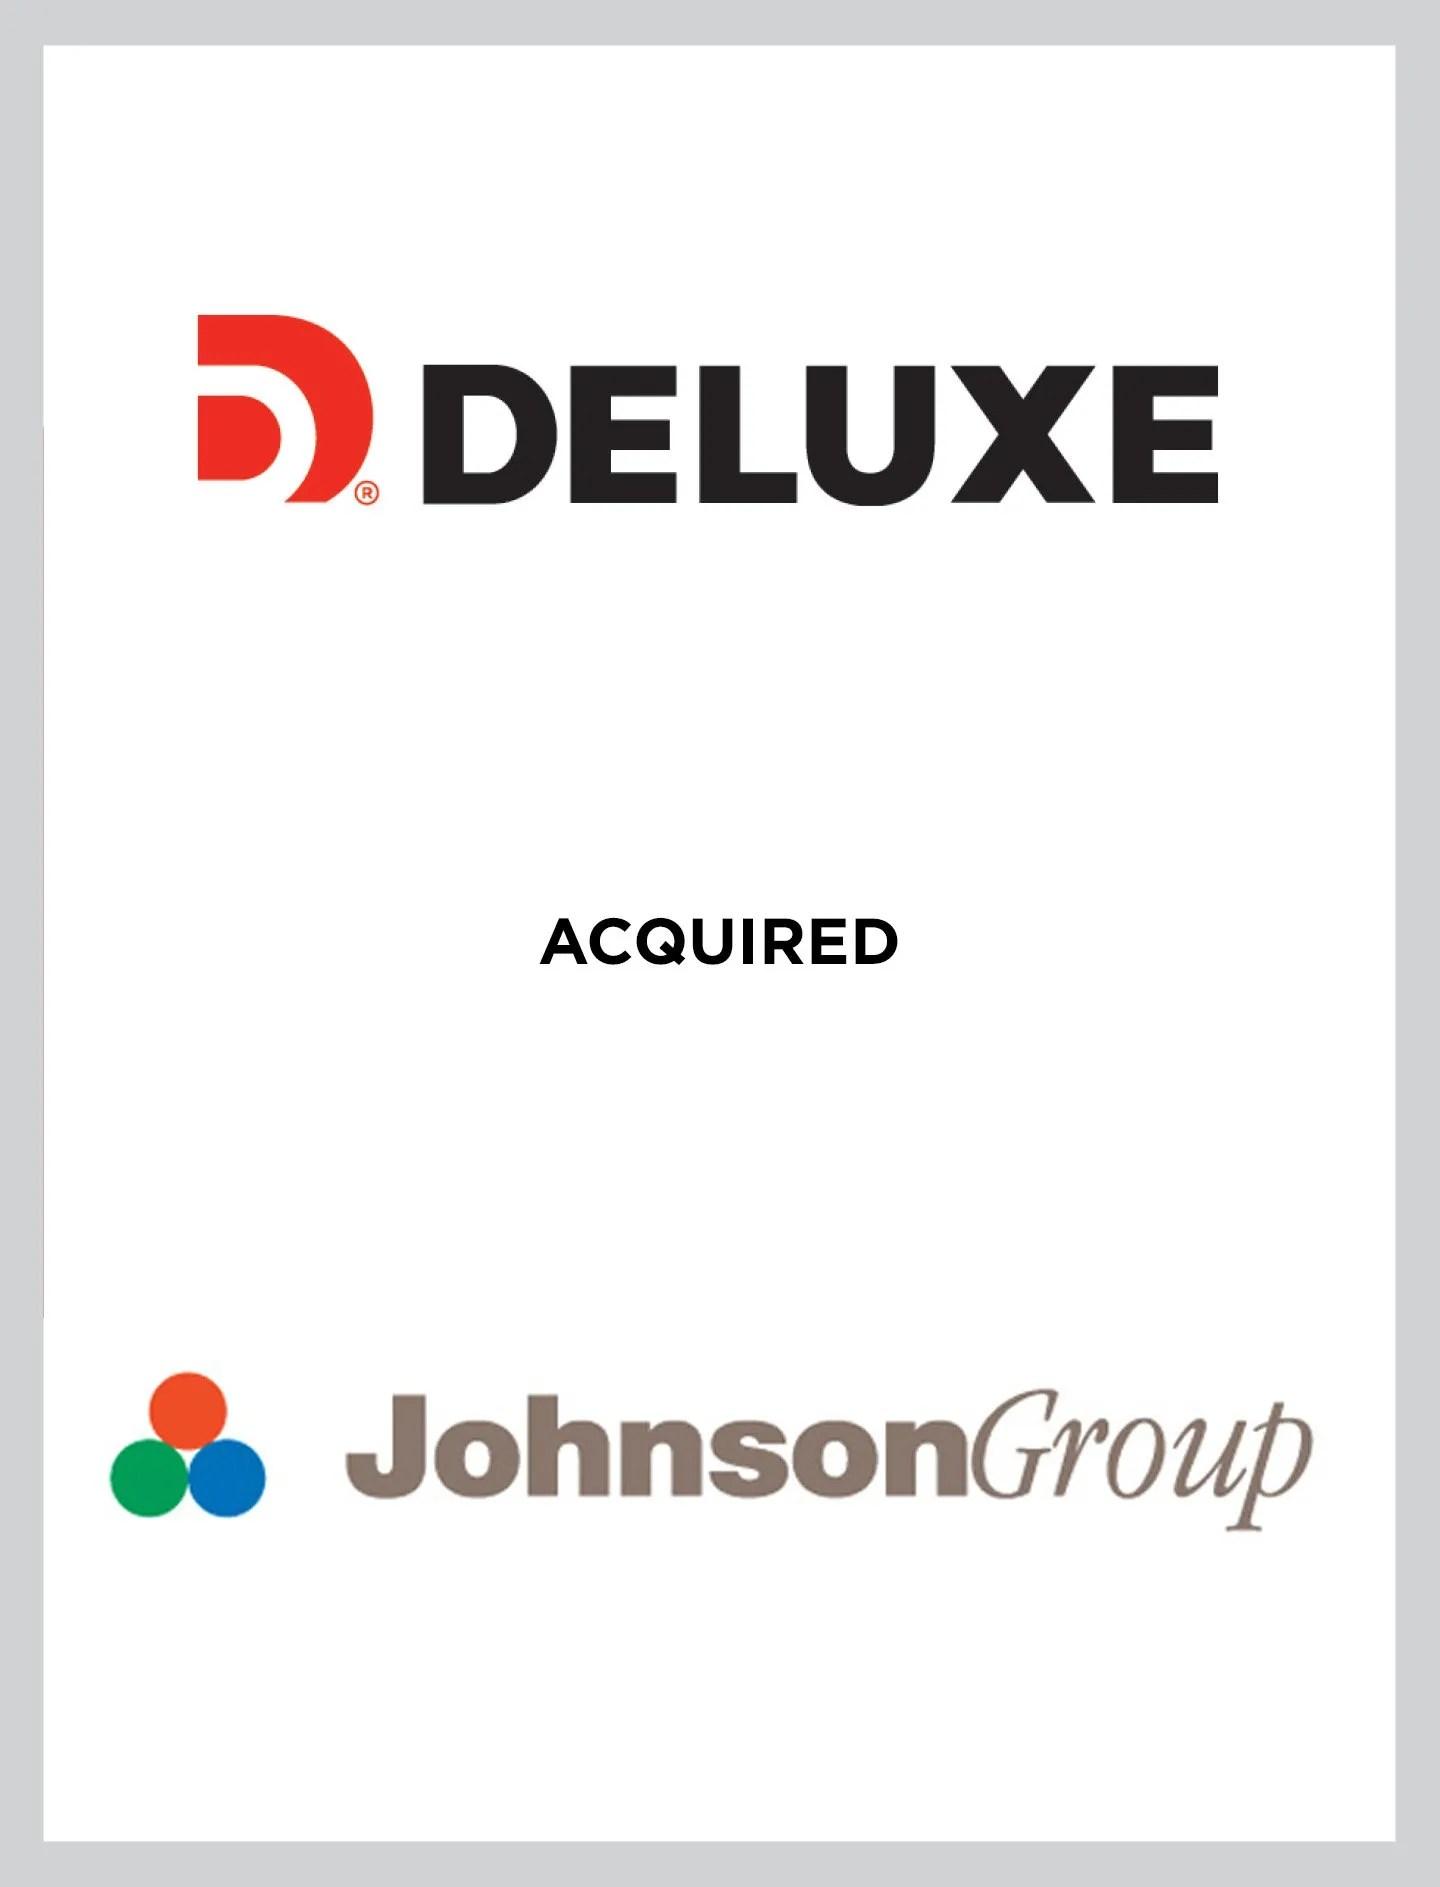 Deluxe_jg_1006